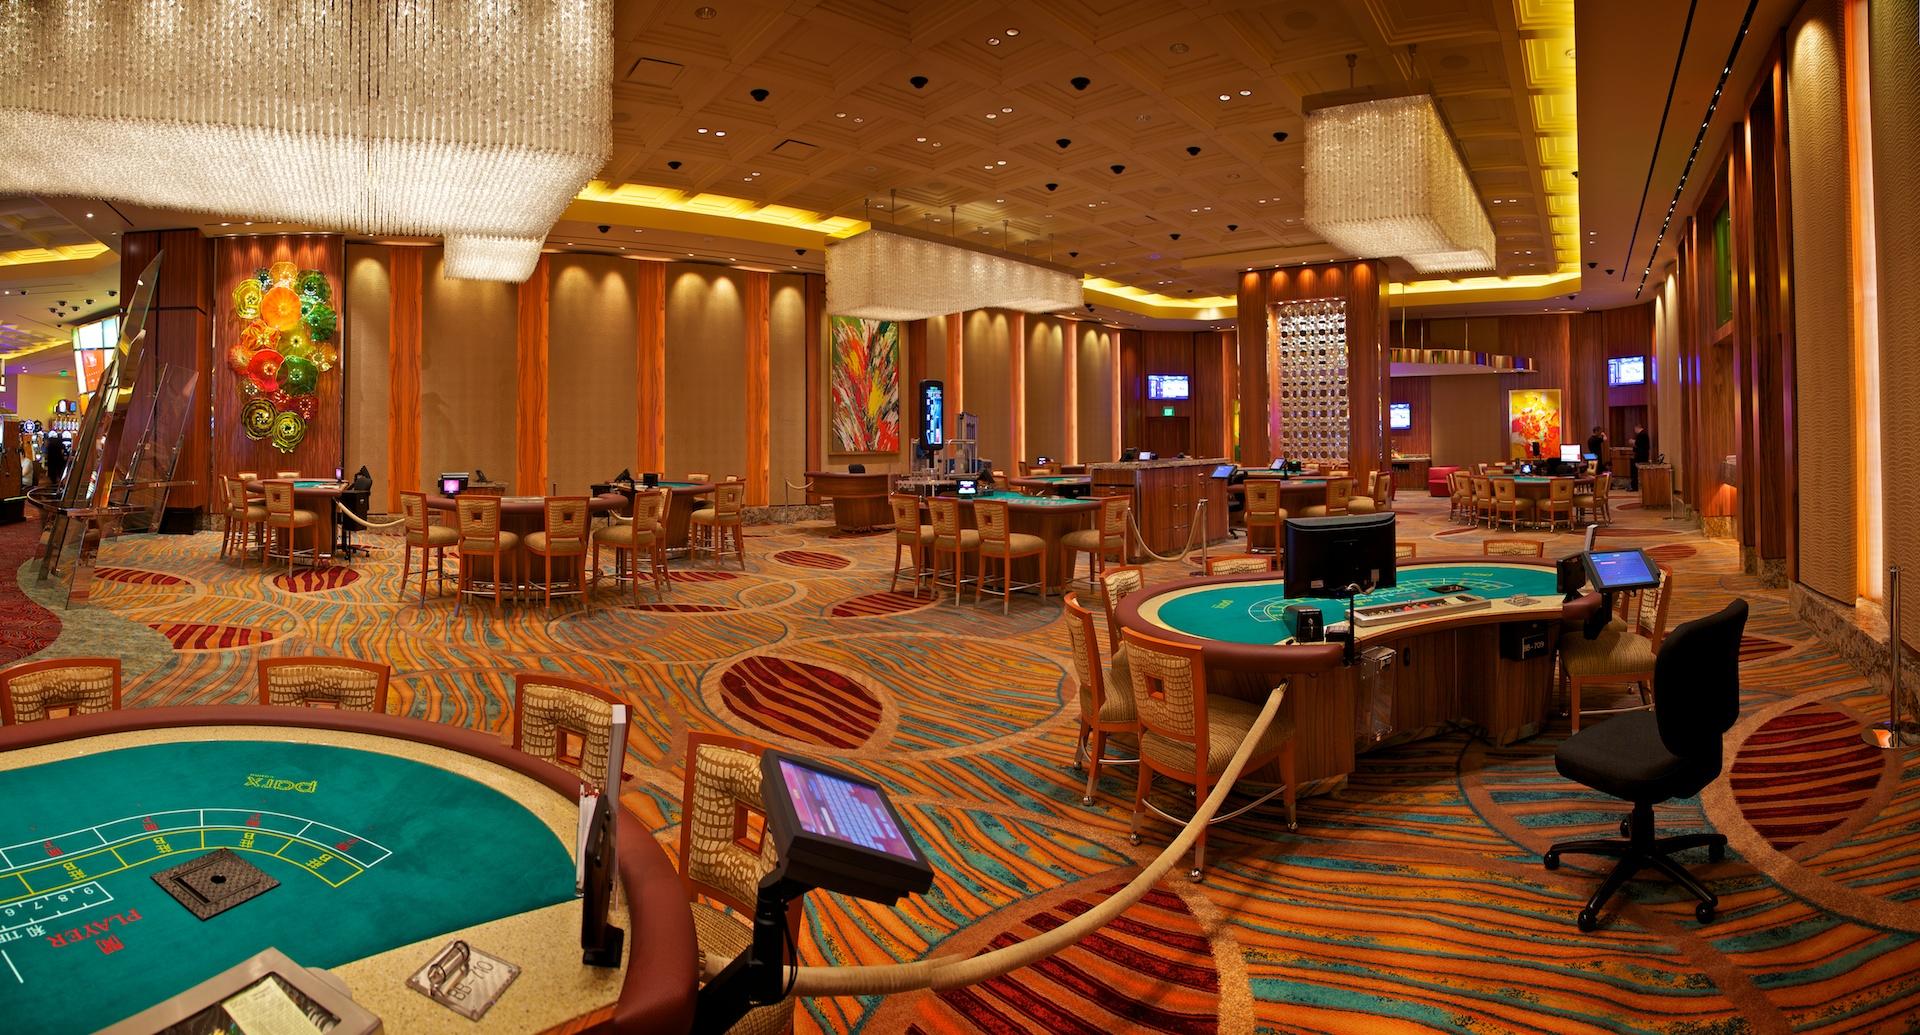 Wsop online poker free